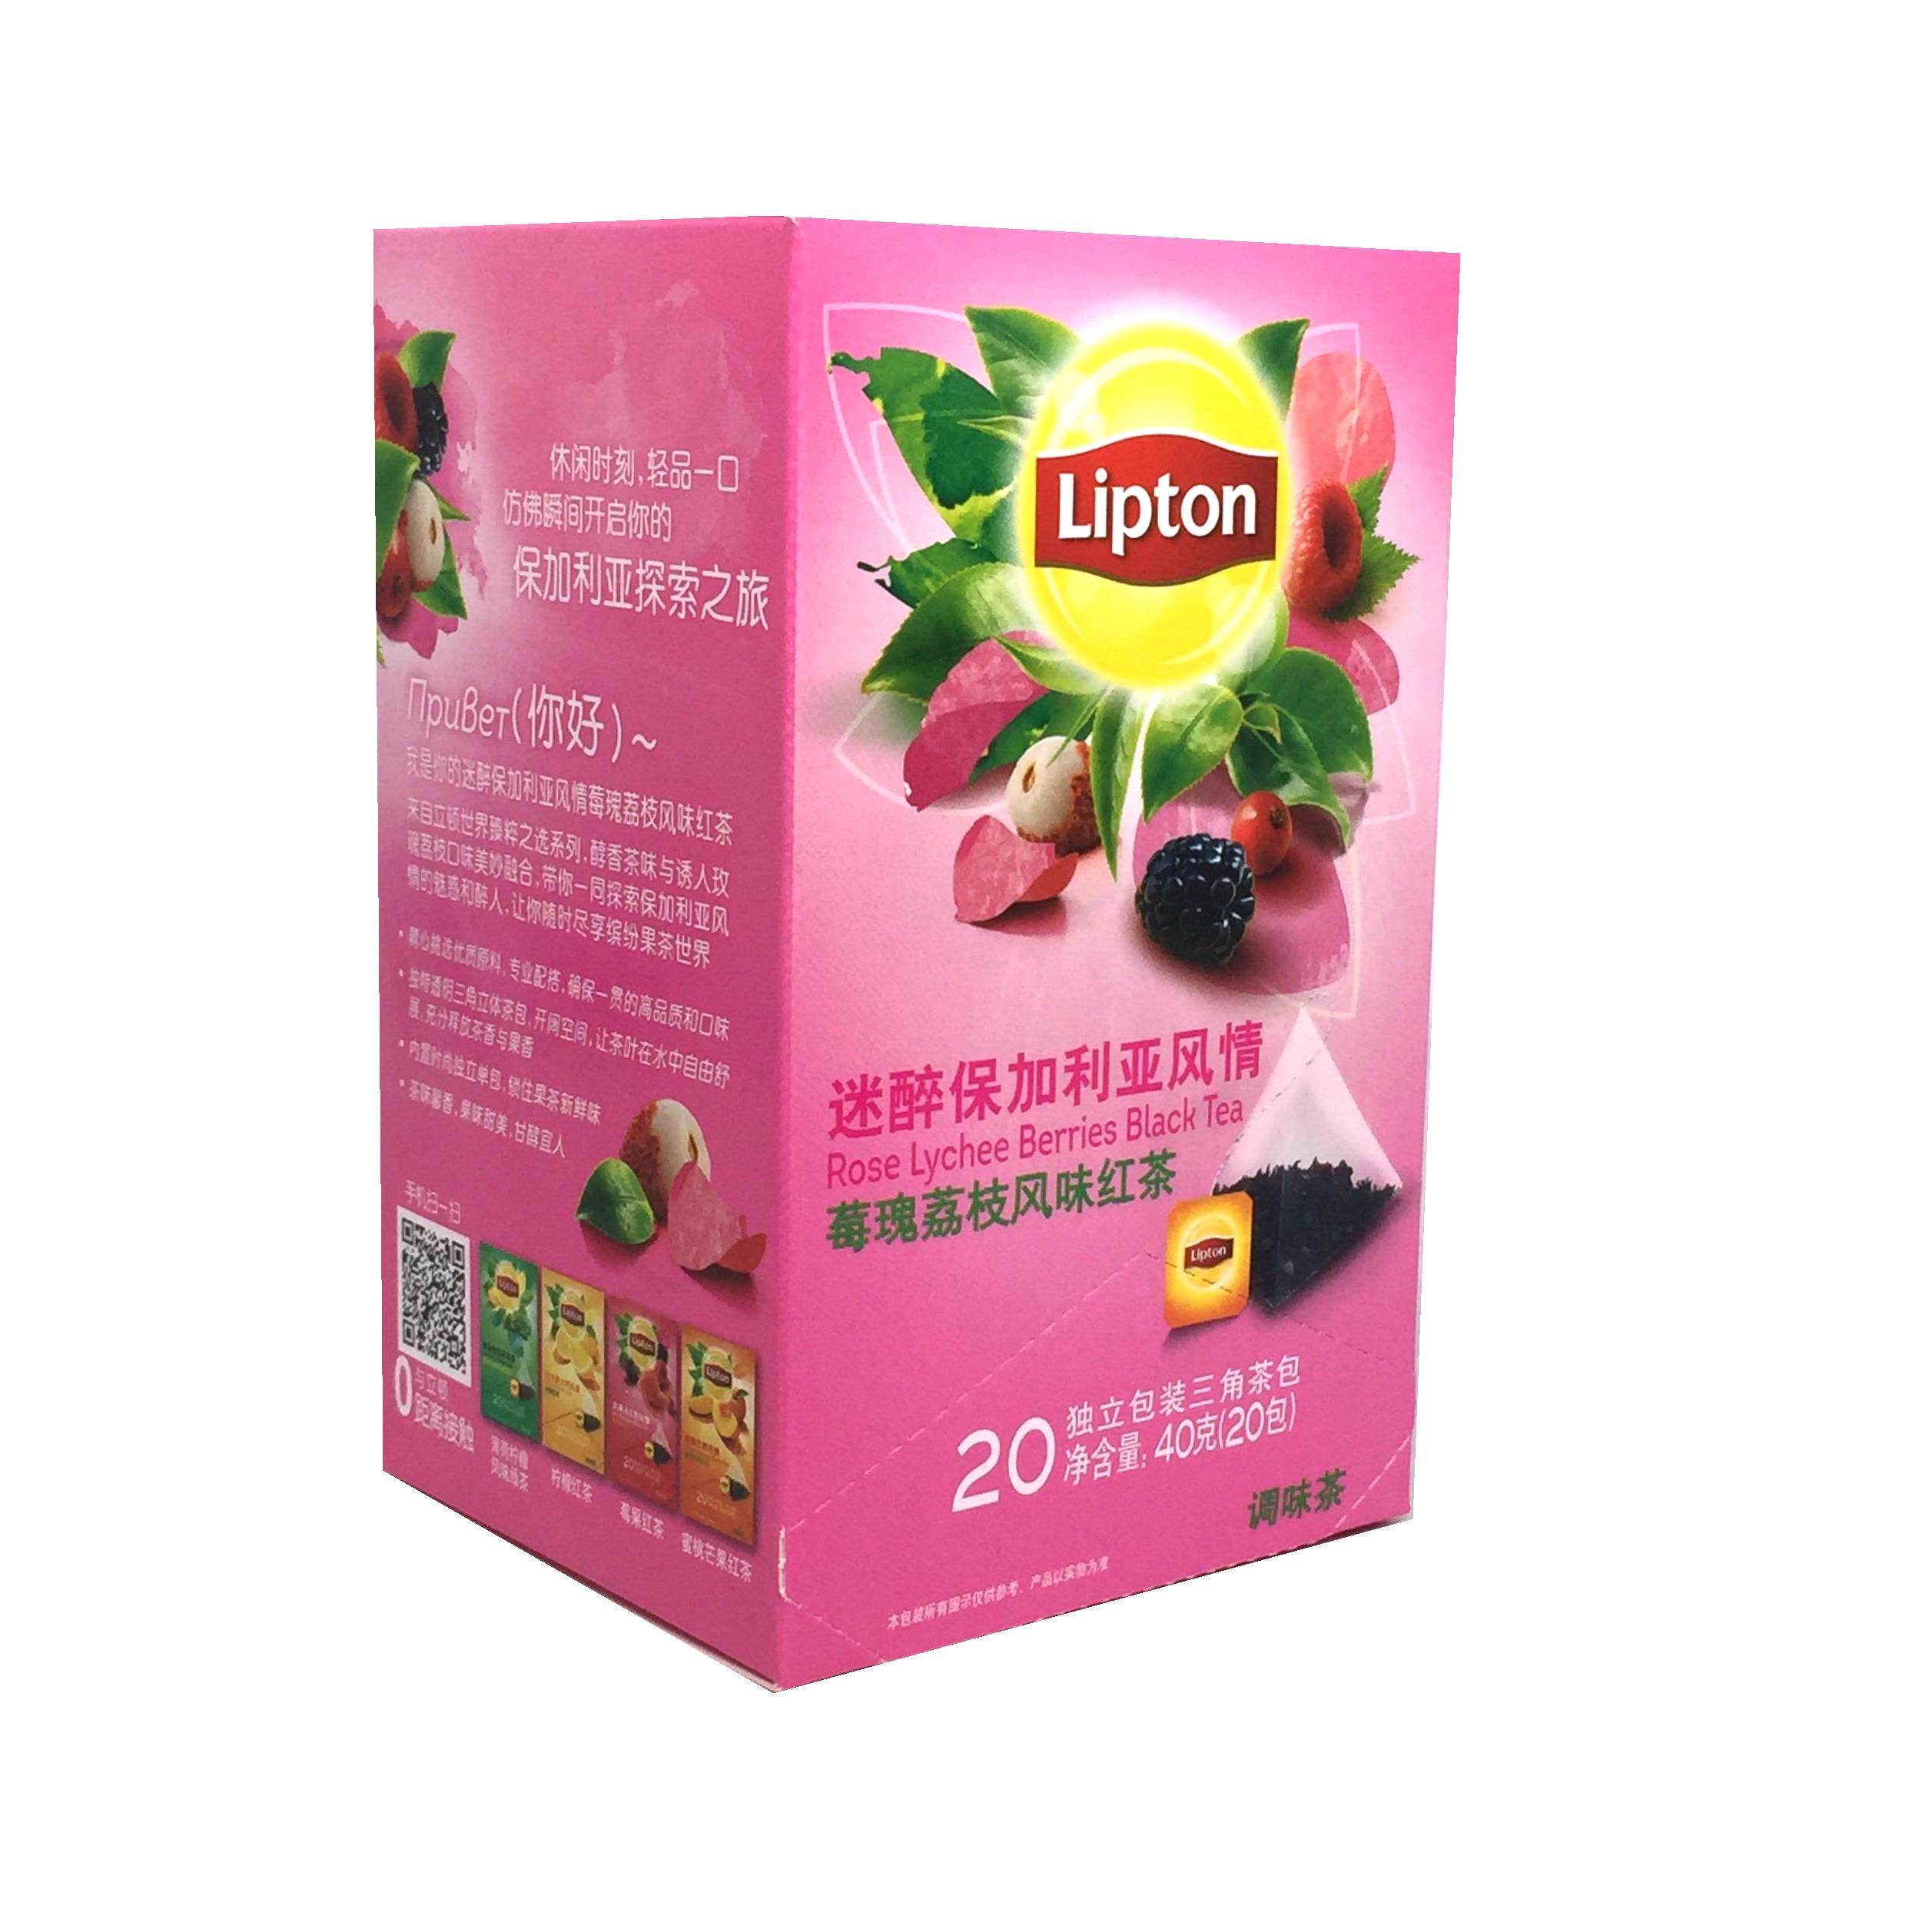 独立装袋泡水果茶三角茶包包邮 40g 包 20 莓瑰荔枝风味红茶 立顿果茶